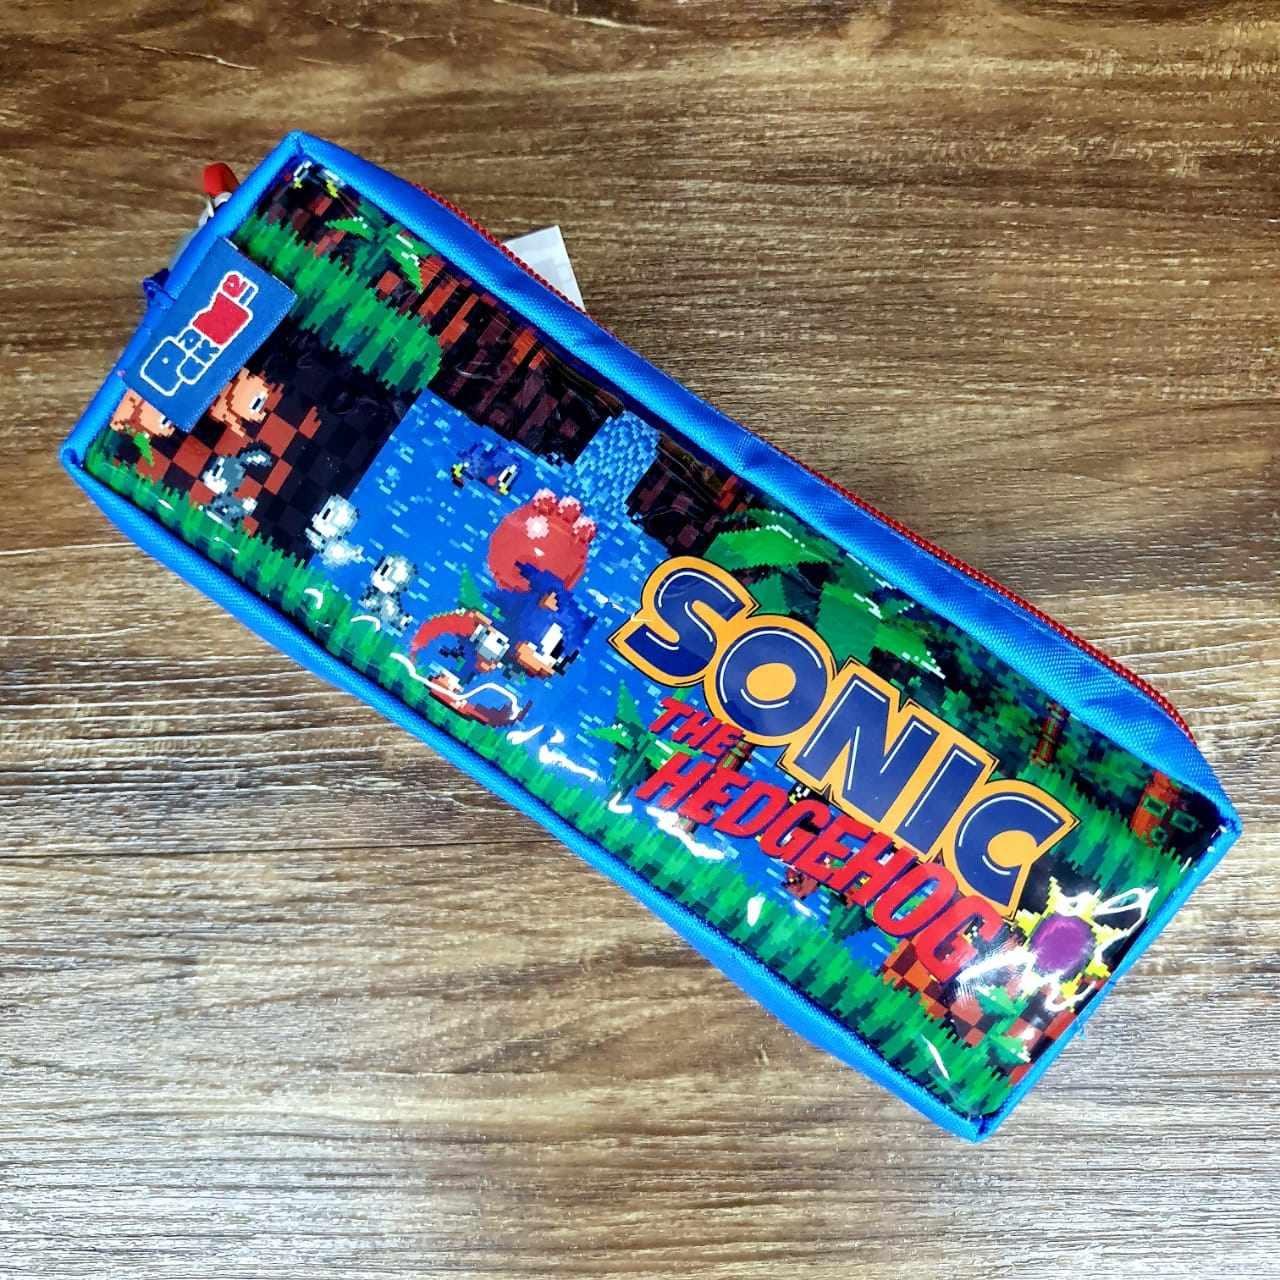 Mochila de Rodinhas com Lancheira e Estojo Sonic